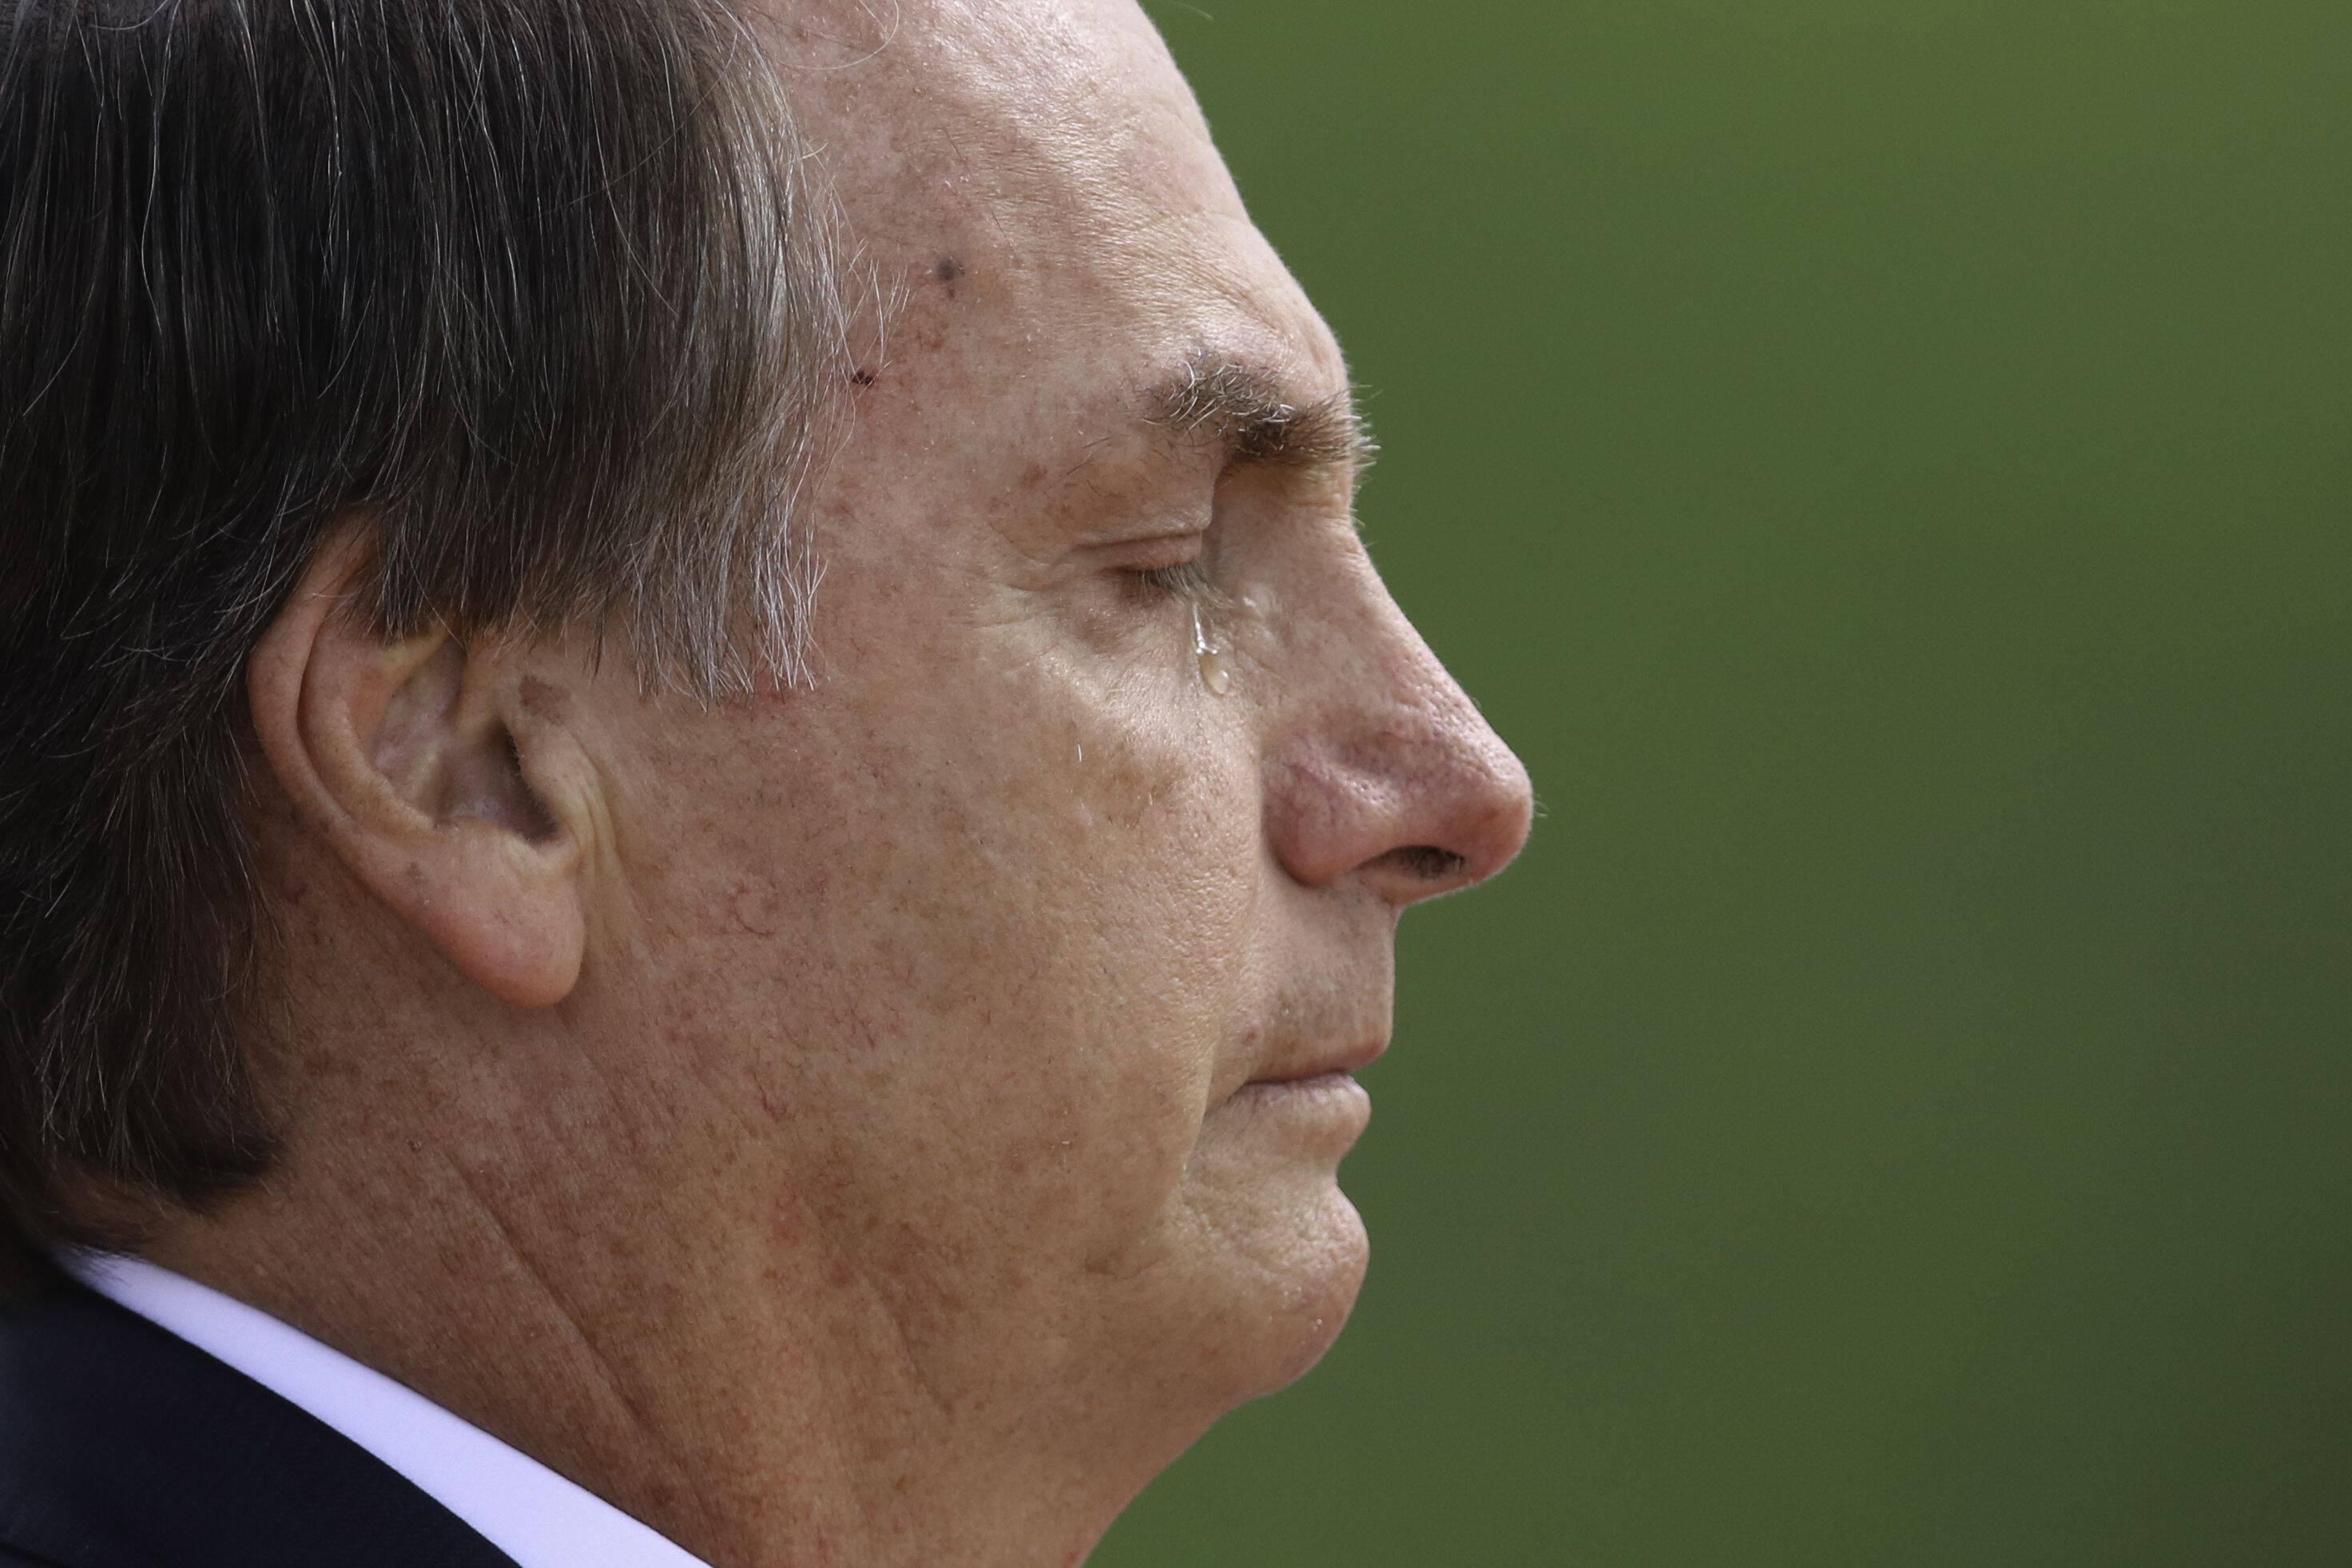 Jair Bolsonaro se emocionou durante cerimônia; posse de Bolsonaro levou três horas. Foto: Fabio Rodrigues Pozzebom/Agência Brasil - 1.1.19